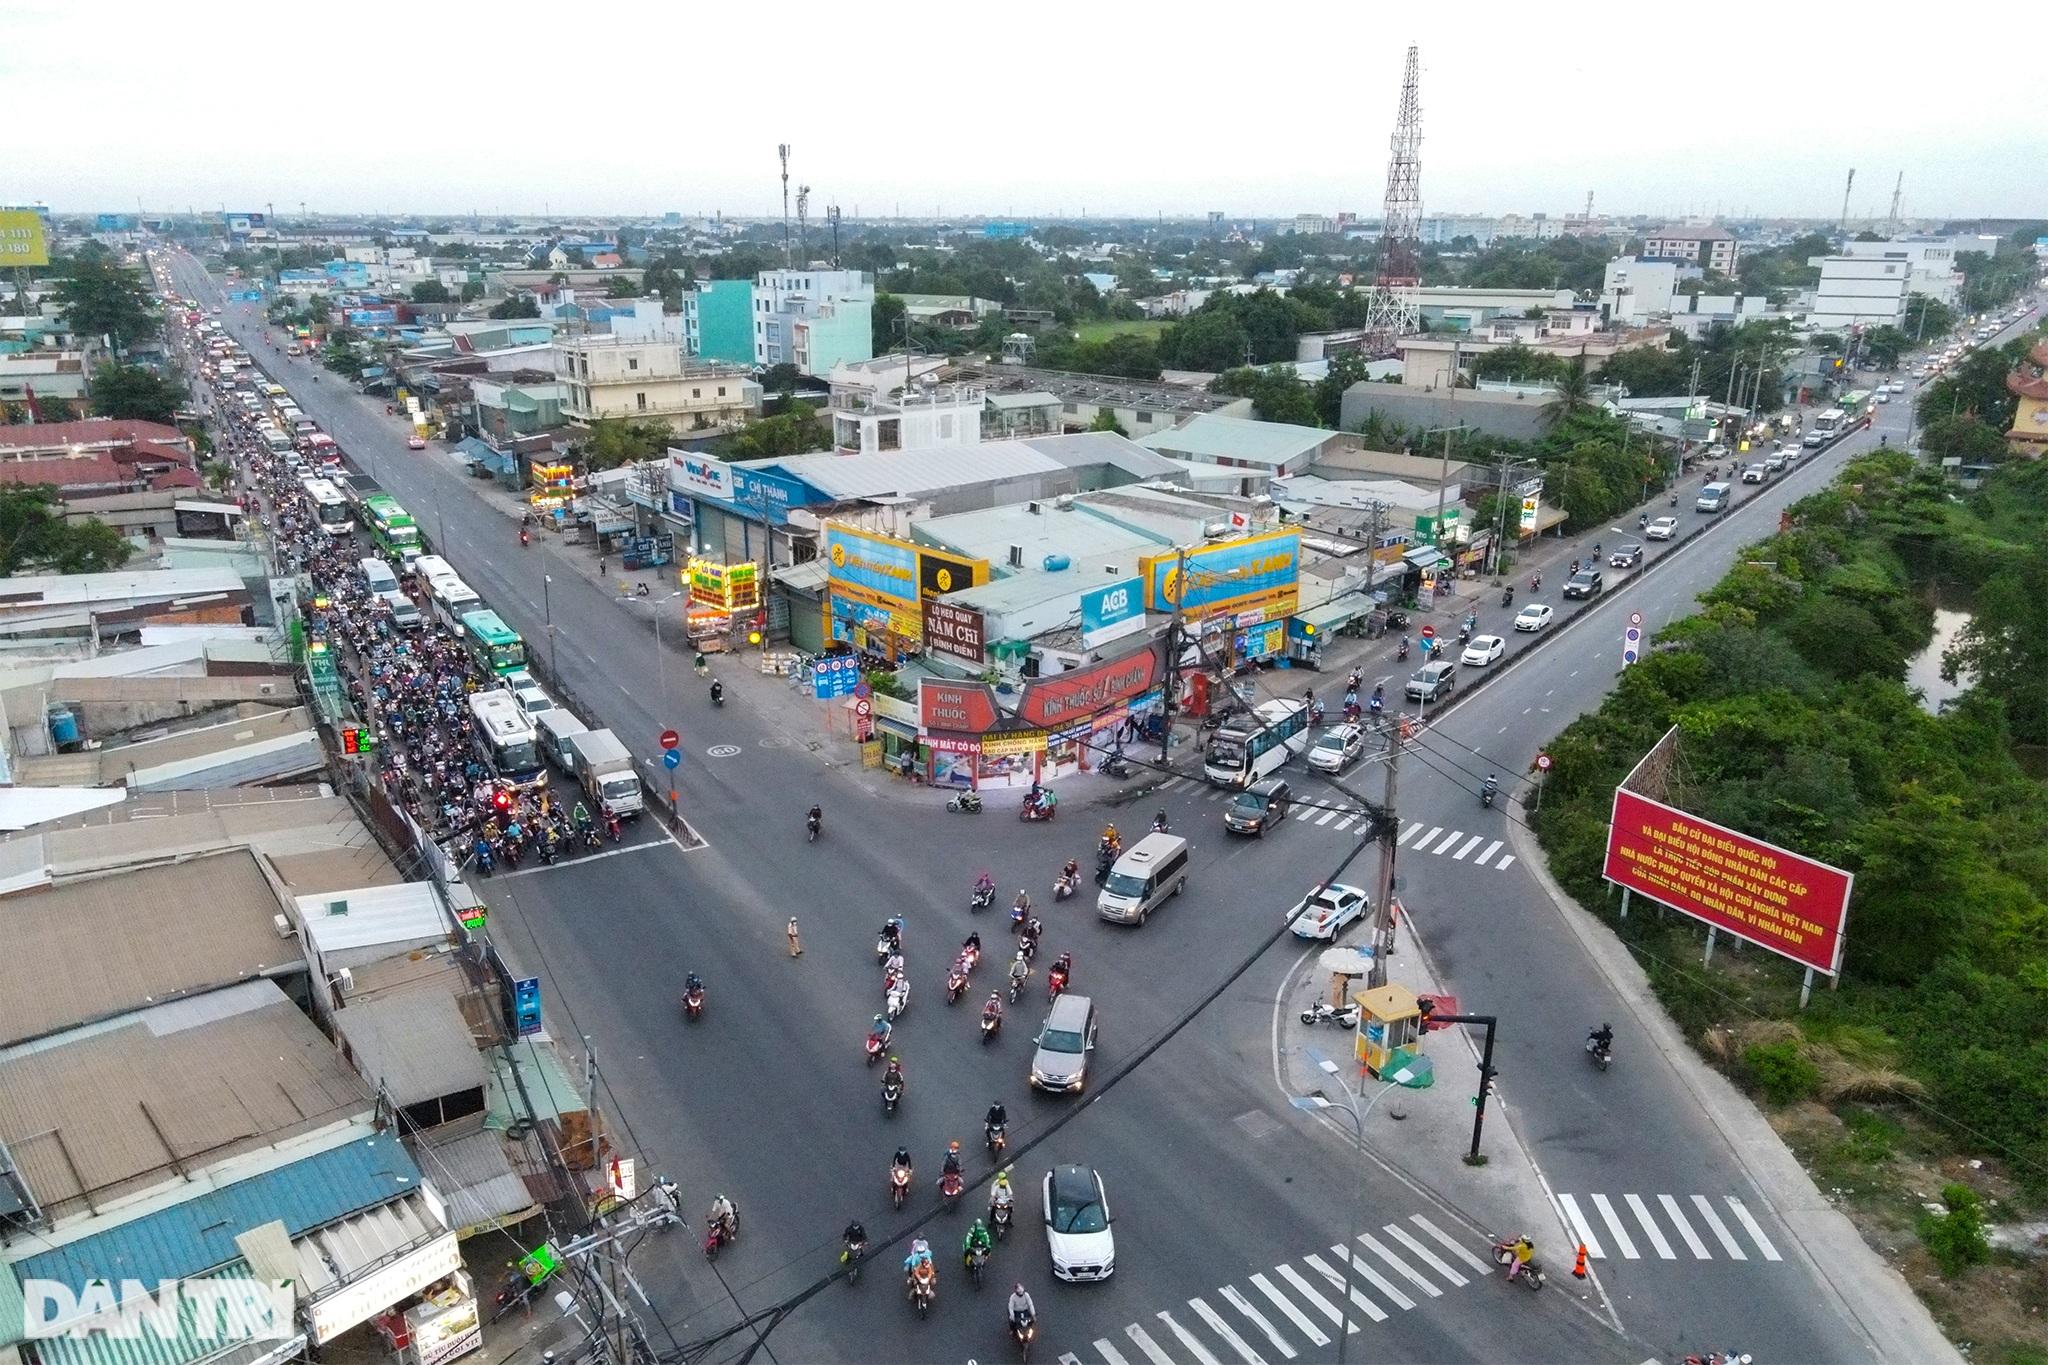 Người dân trở lại Sài Gòn sớm, giao thông cửa ngõ ùn tắc, hỗn loạn - 10